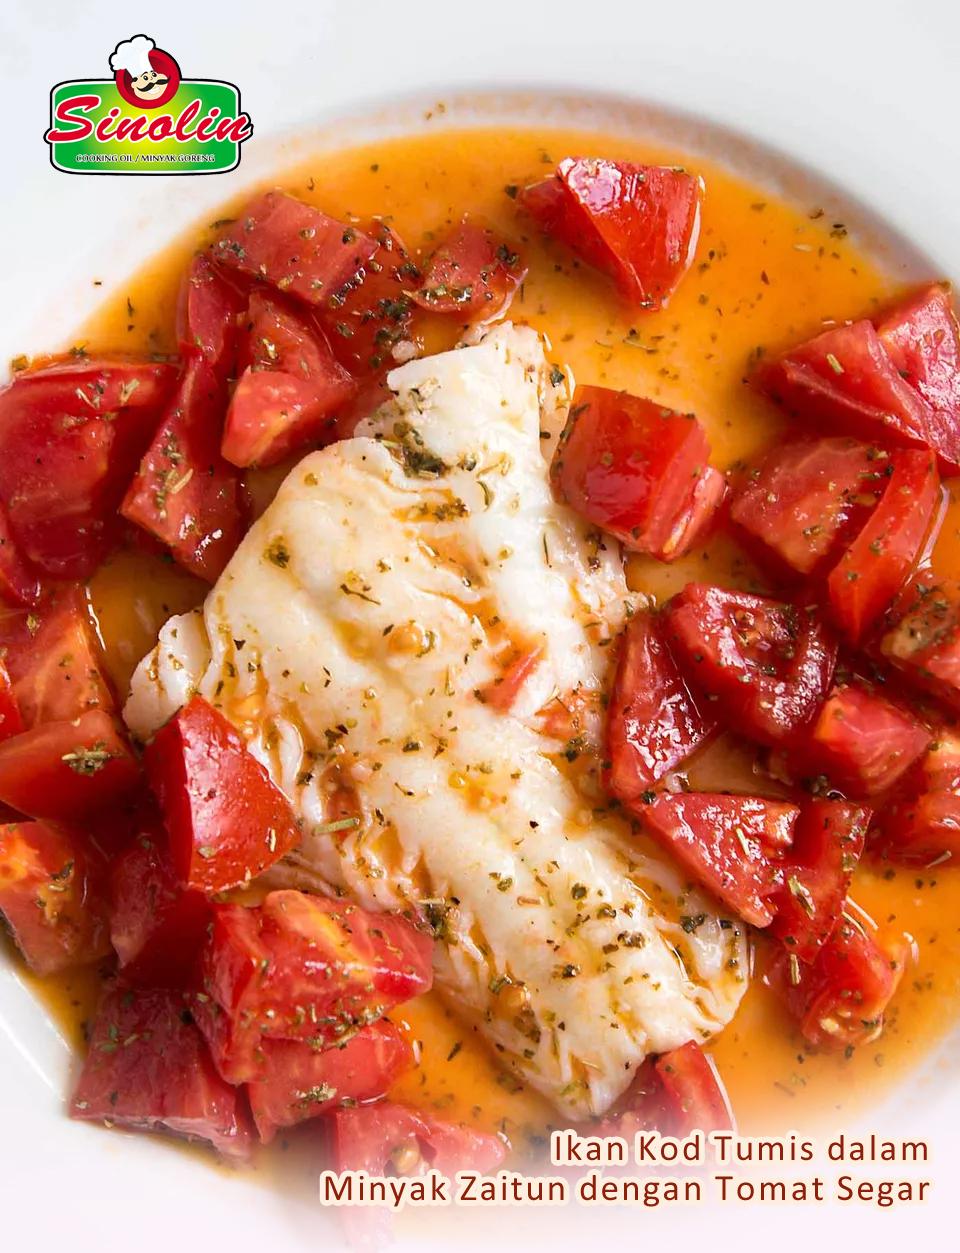 Ikan Kod Tumis  dalam Minyak Zaitun dengan Tomat Segar | Dapur Sinolin